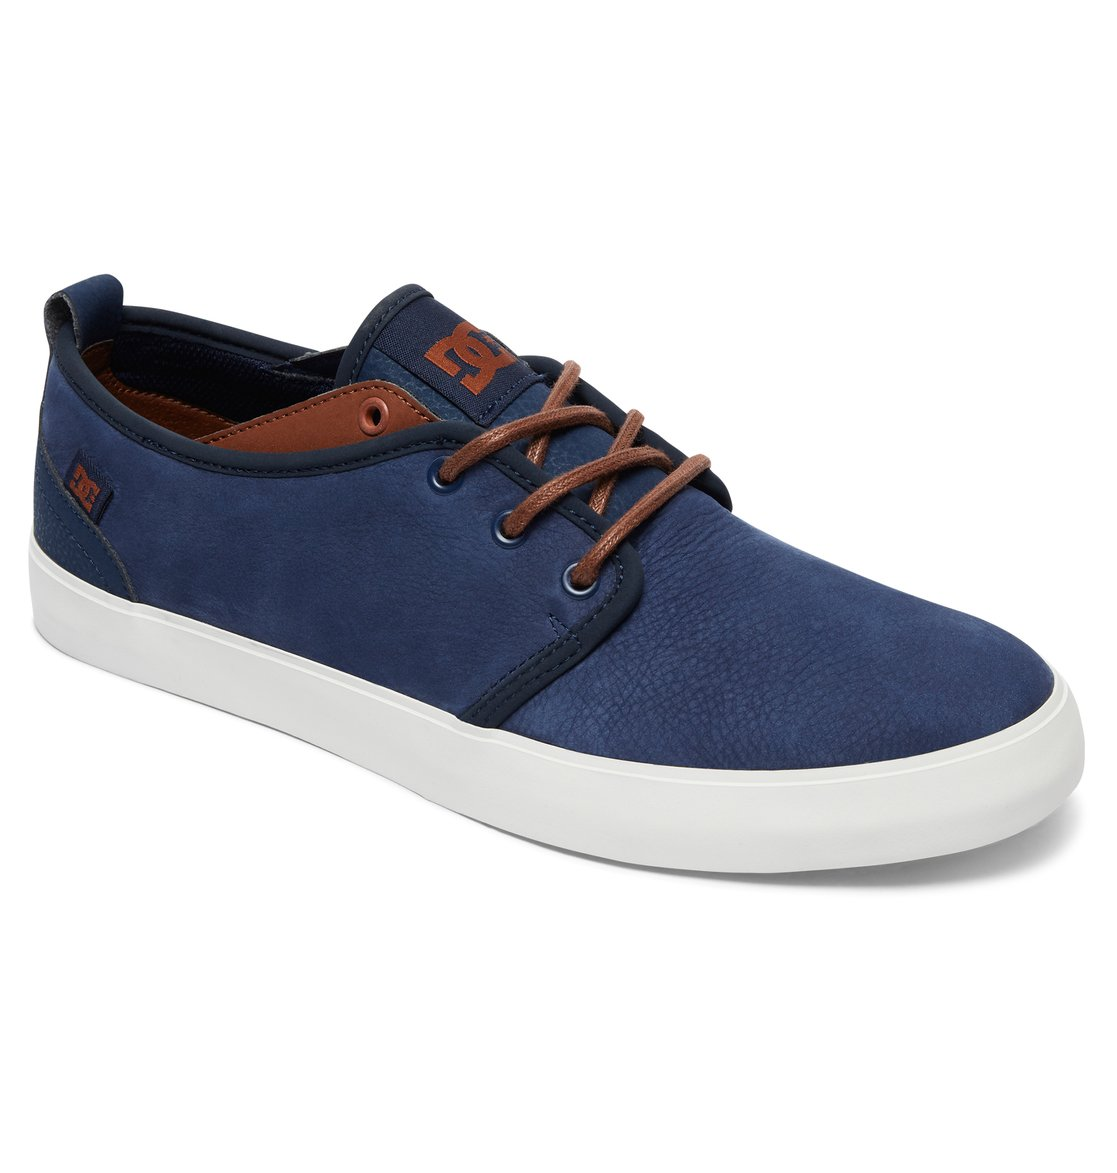 K Studio Mens Shoes